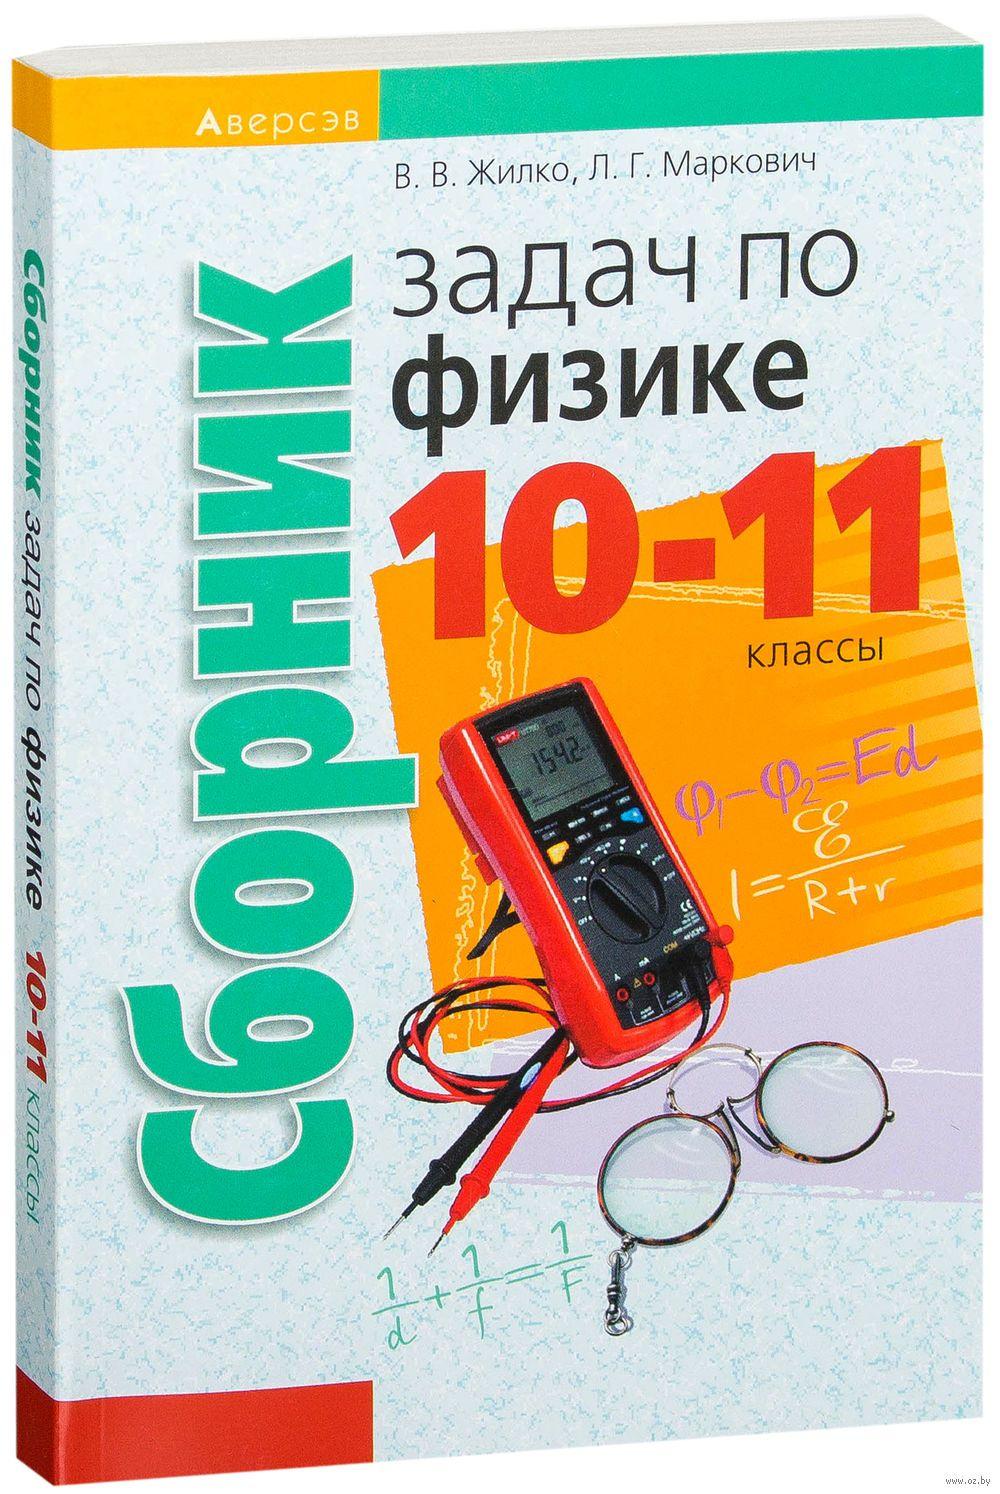 Гдз для сборник вопросов и задач по физике 10-11 класс